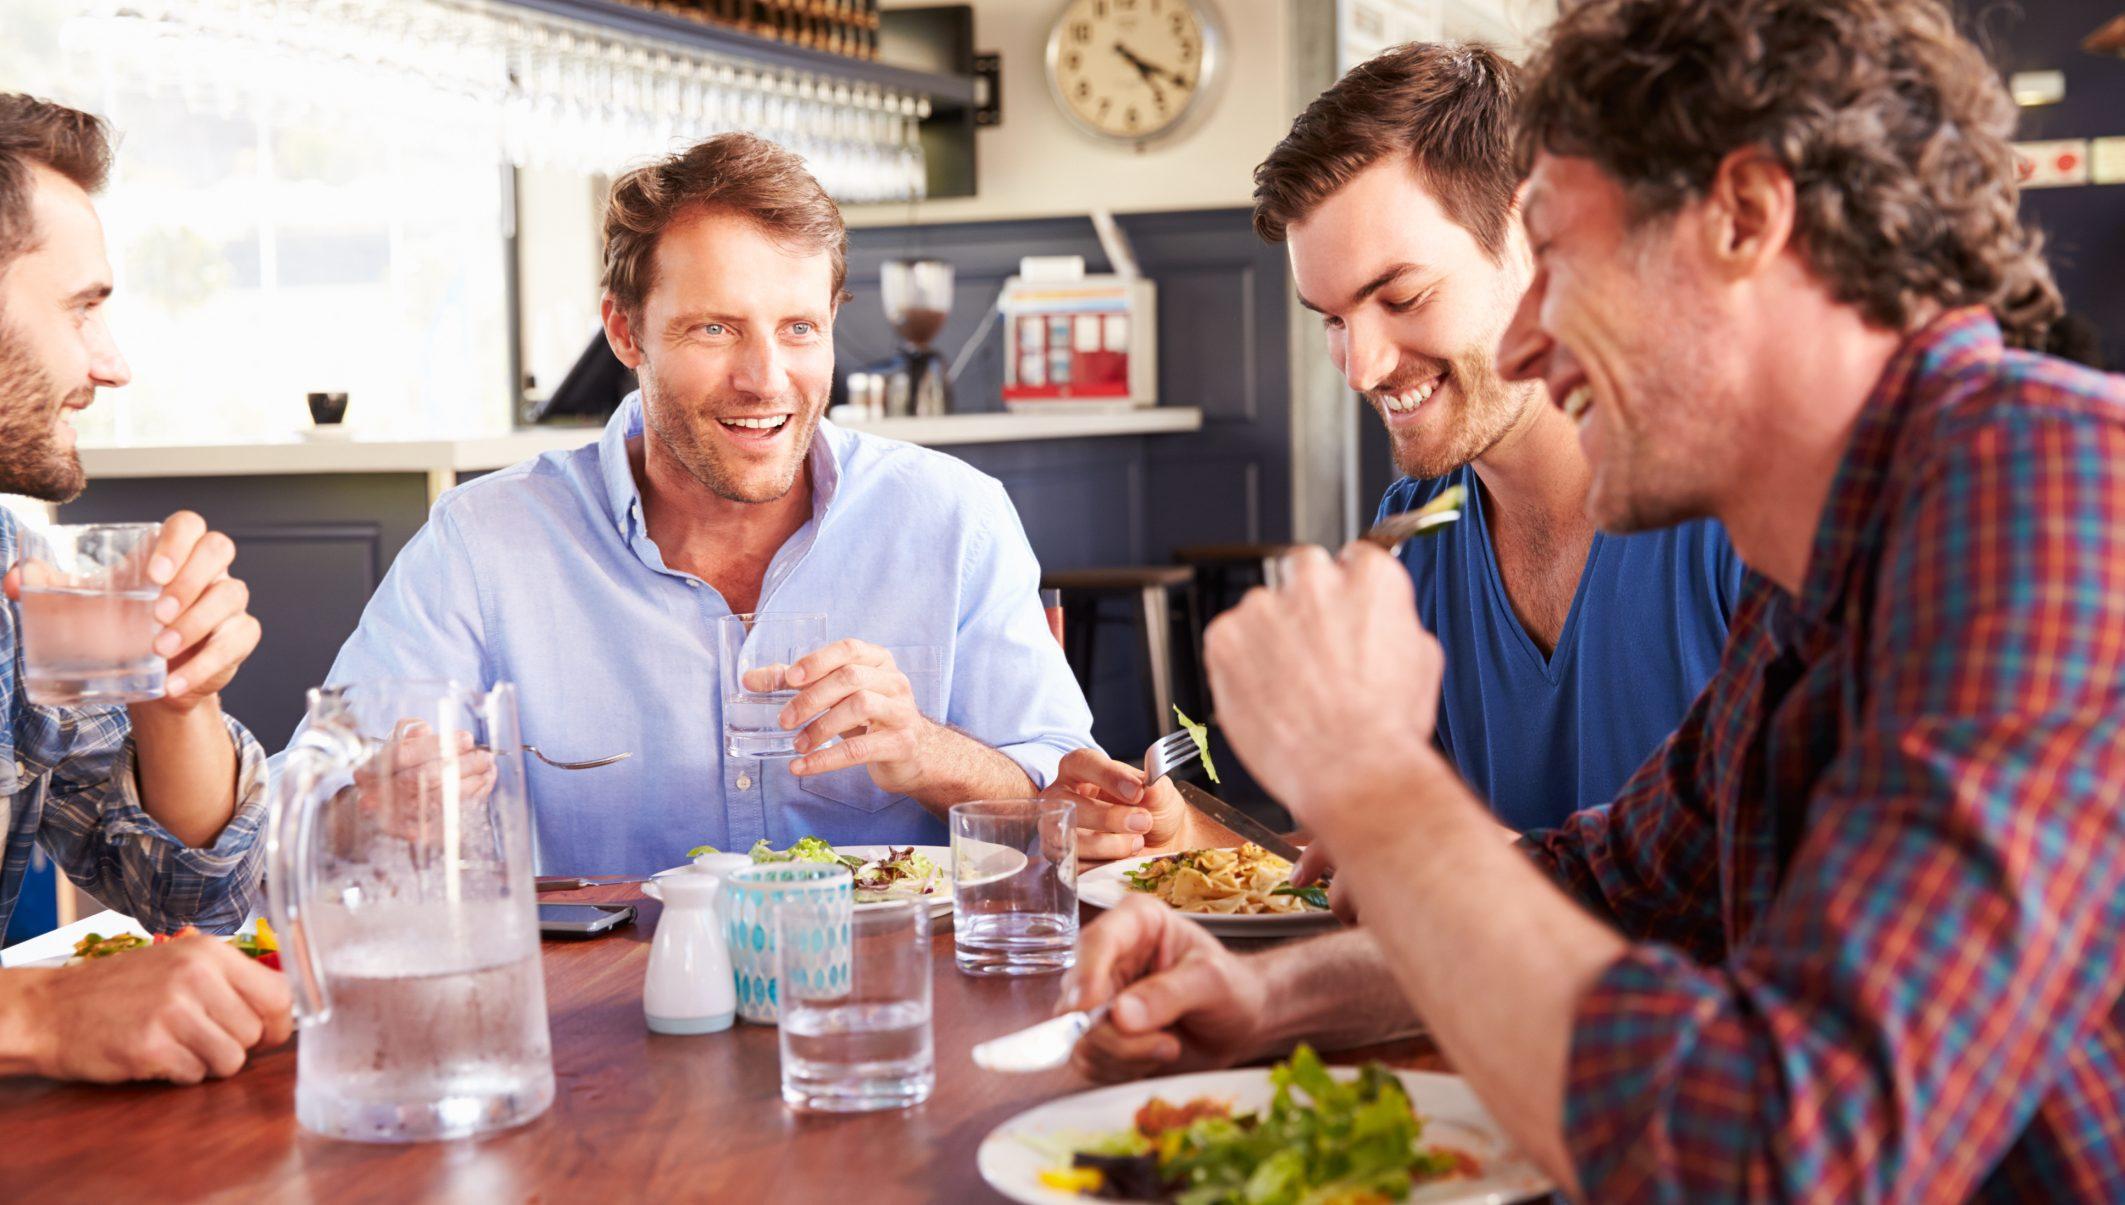 trac-nghiem-tam-ly-gu-an-uong-e1506502005192 Trắc nghiệm tâm lý: Gu ăn uống tiết lộ điều gì về bạn?